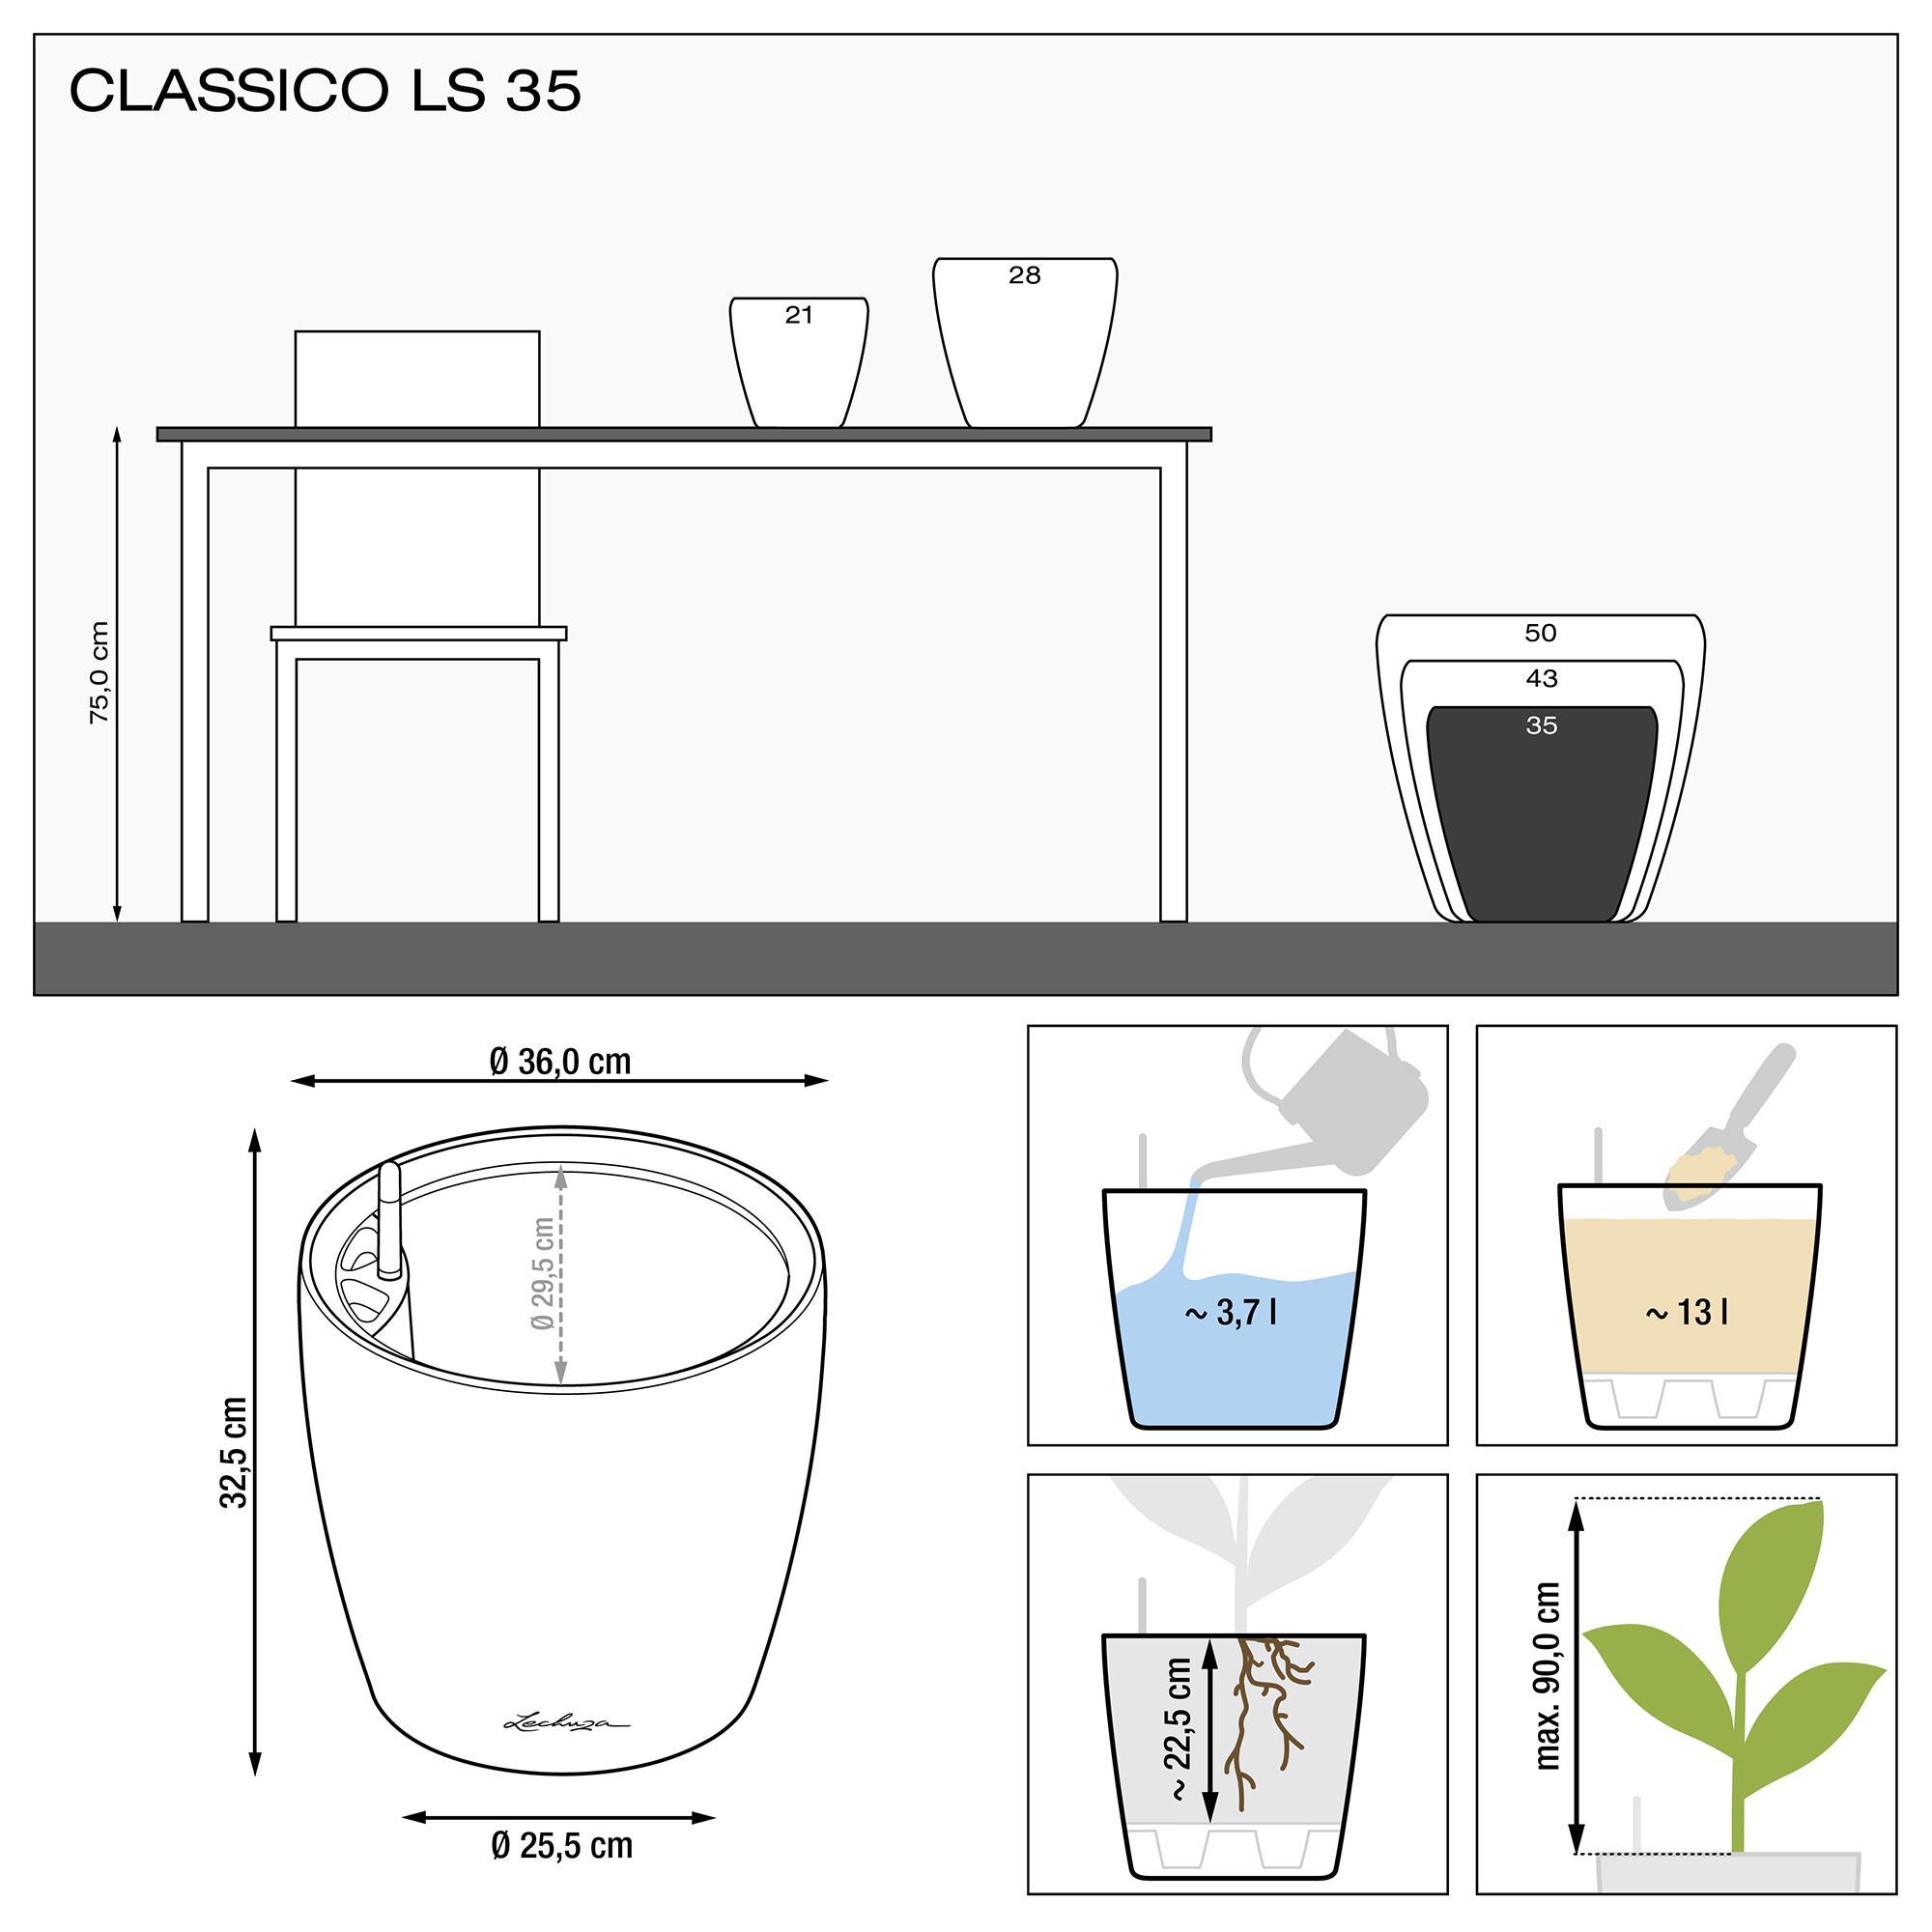 CLASSICO LS 35 espresso metallic - Image 3